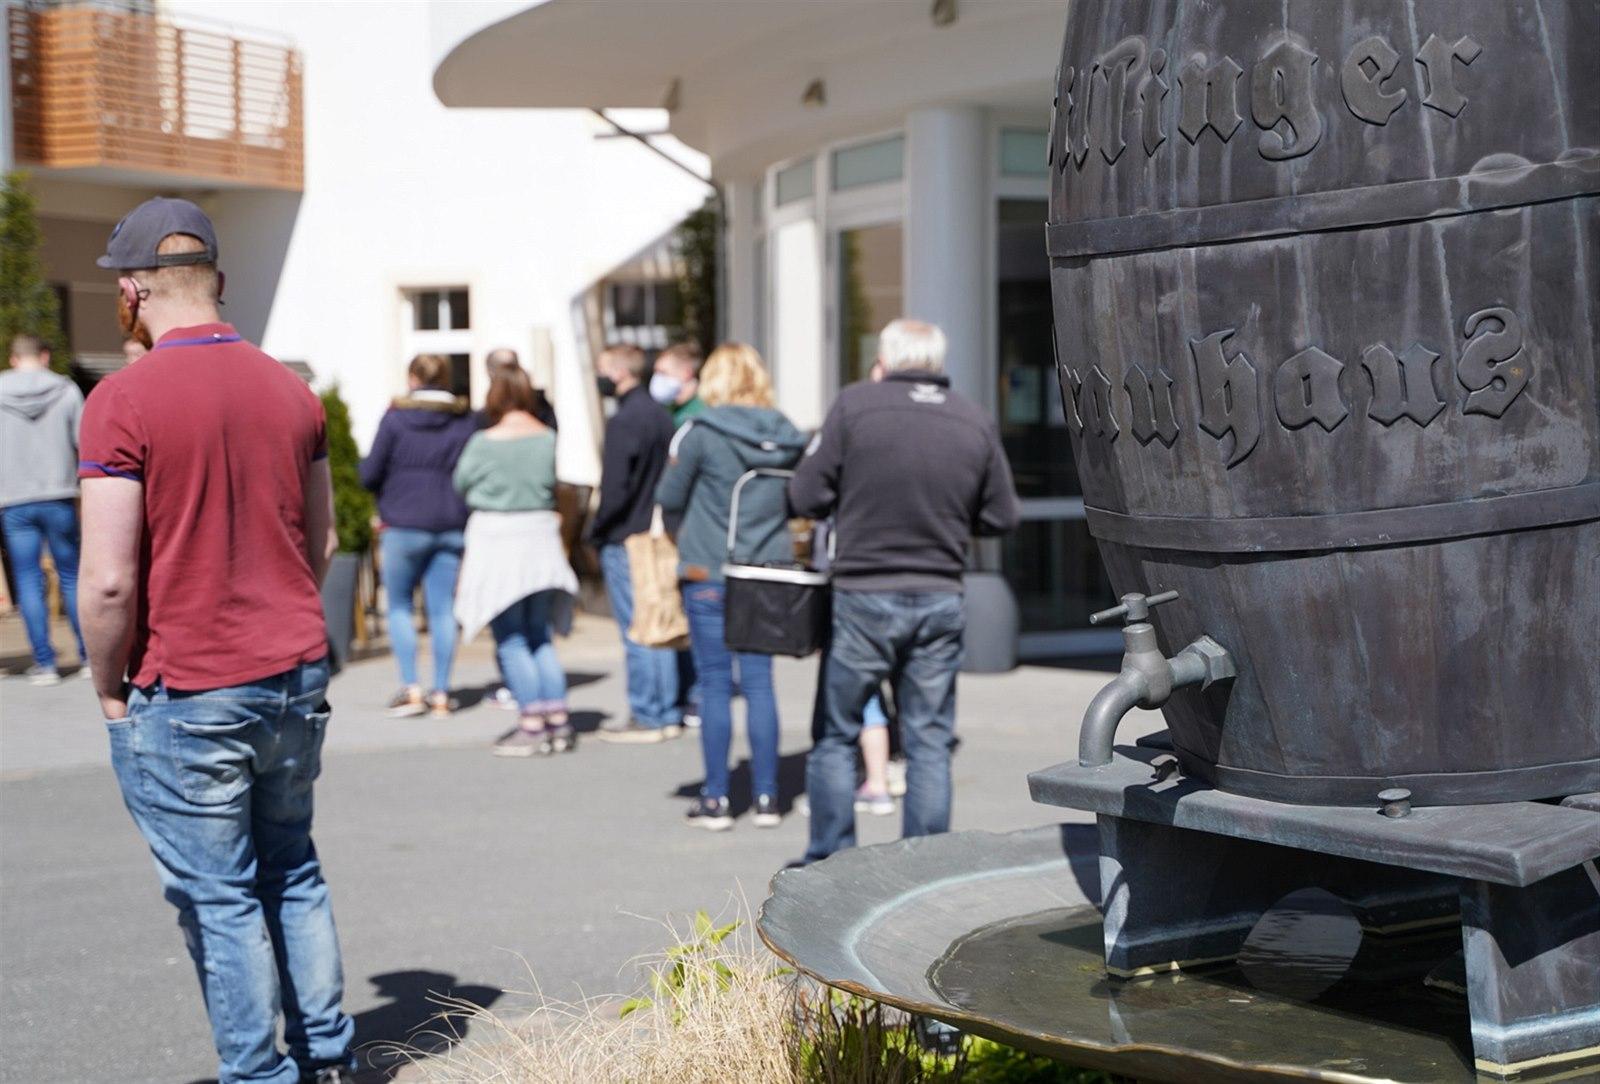 Hesenský pivovar se rozhodl rozdat zásoby piva, lidé měli mimořádný zájem